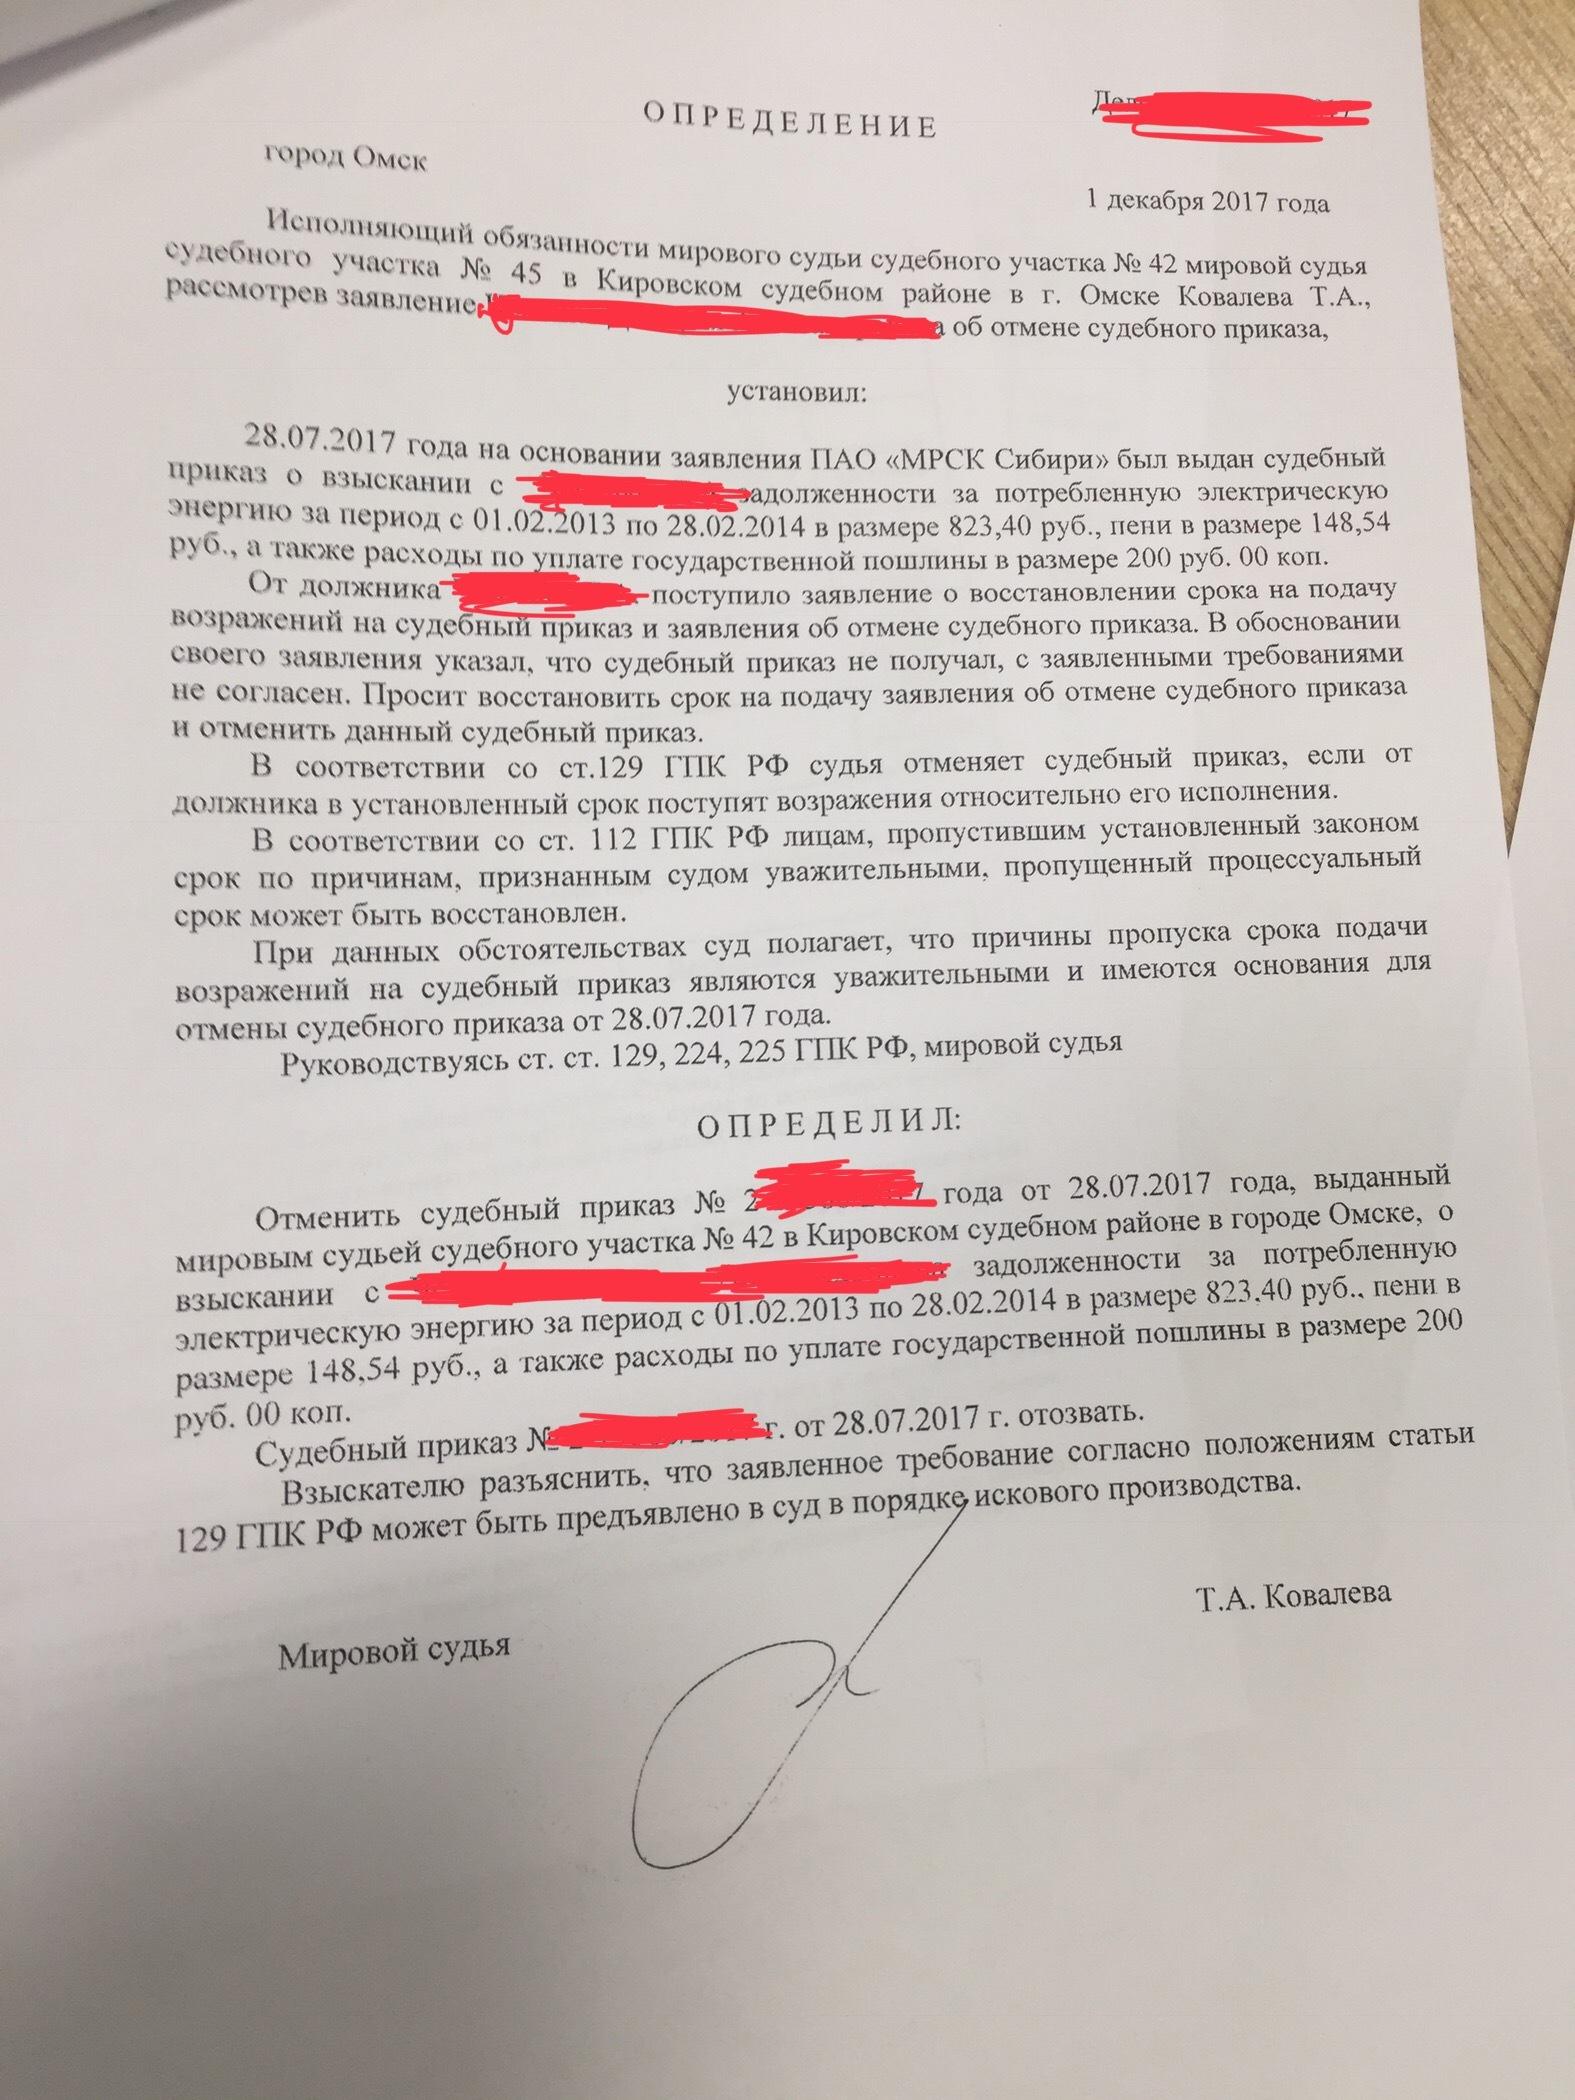 печать на судебном приказе